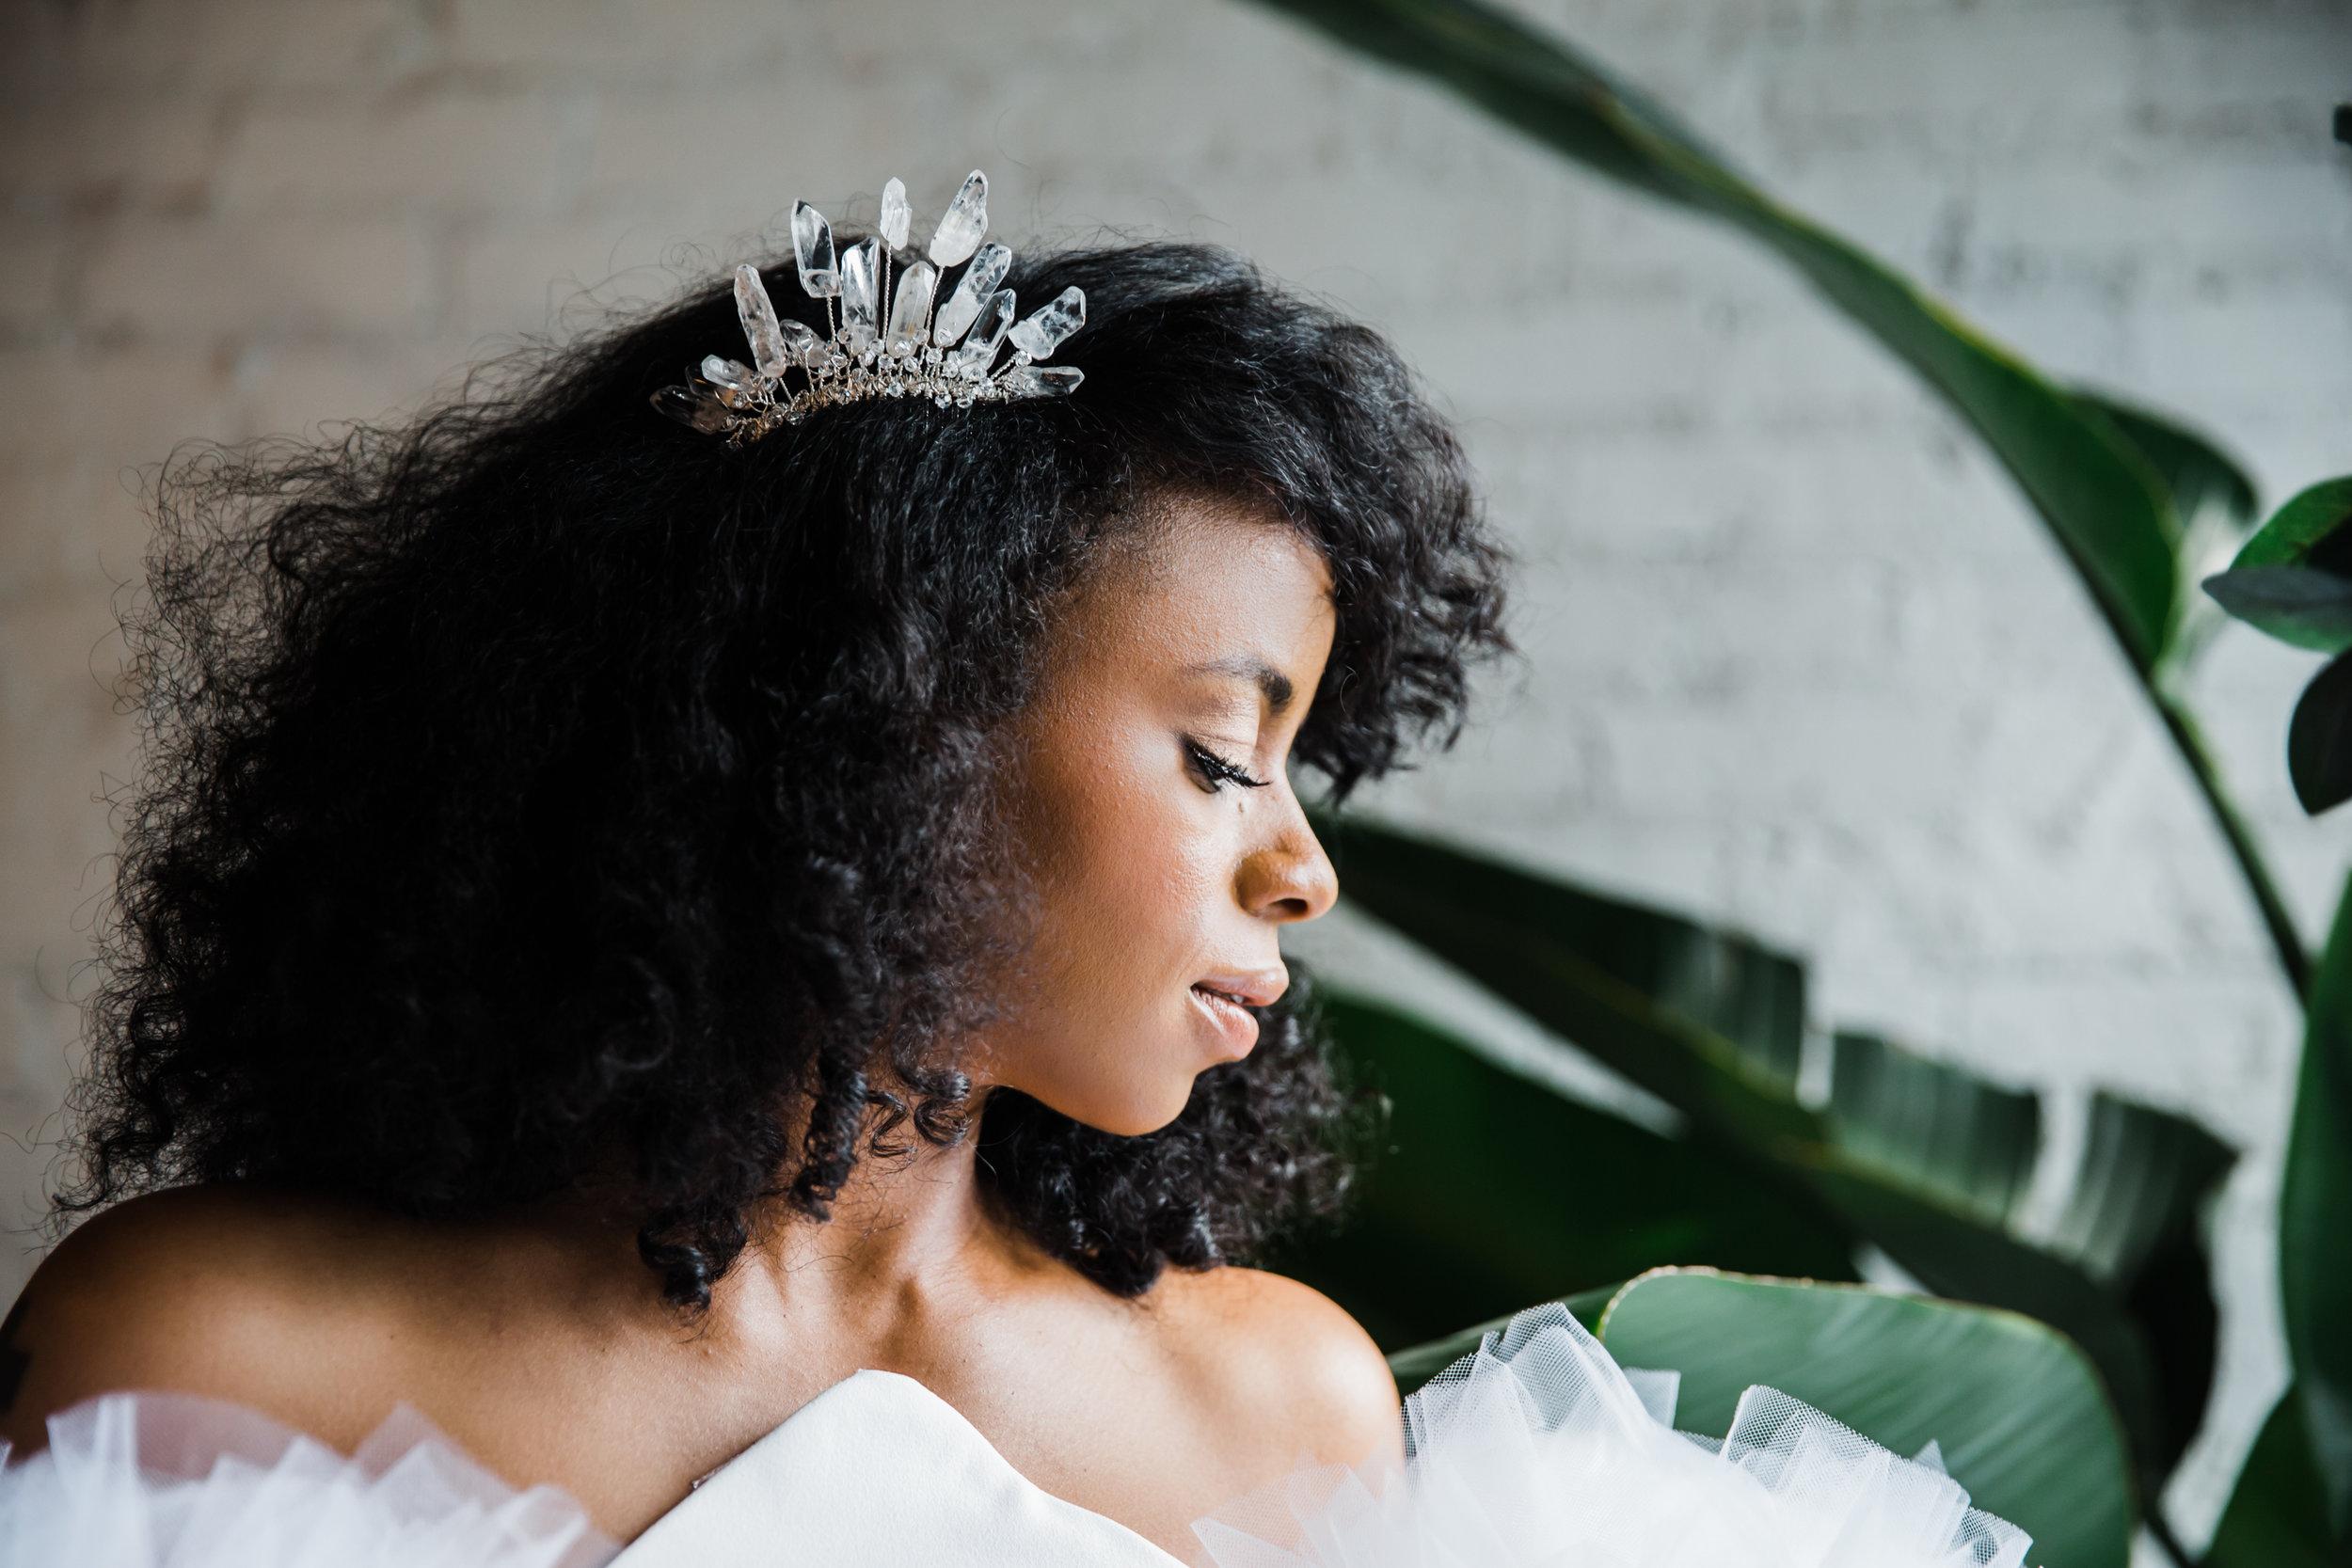 Best Baltimore Brand Photographer Megapixels Media Photography Black Women Business Owner Lotus Bloom Co Black Women Business Owners In Maryland Branding Session (15 of 27).jpg